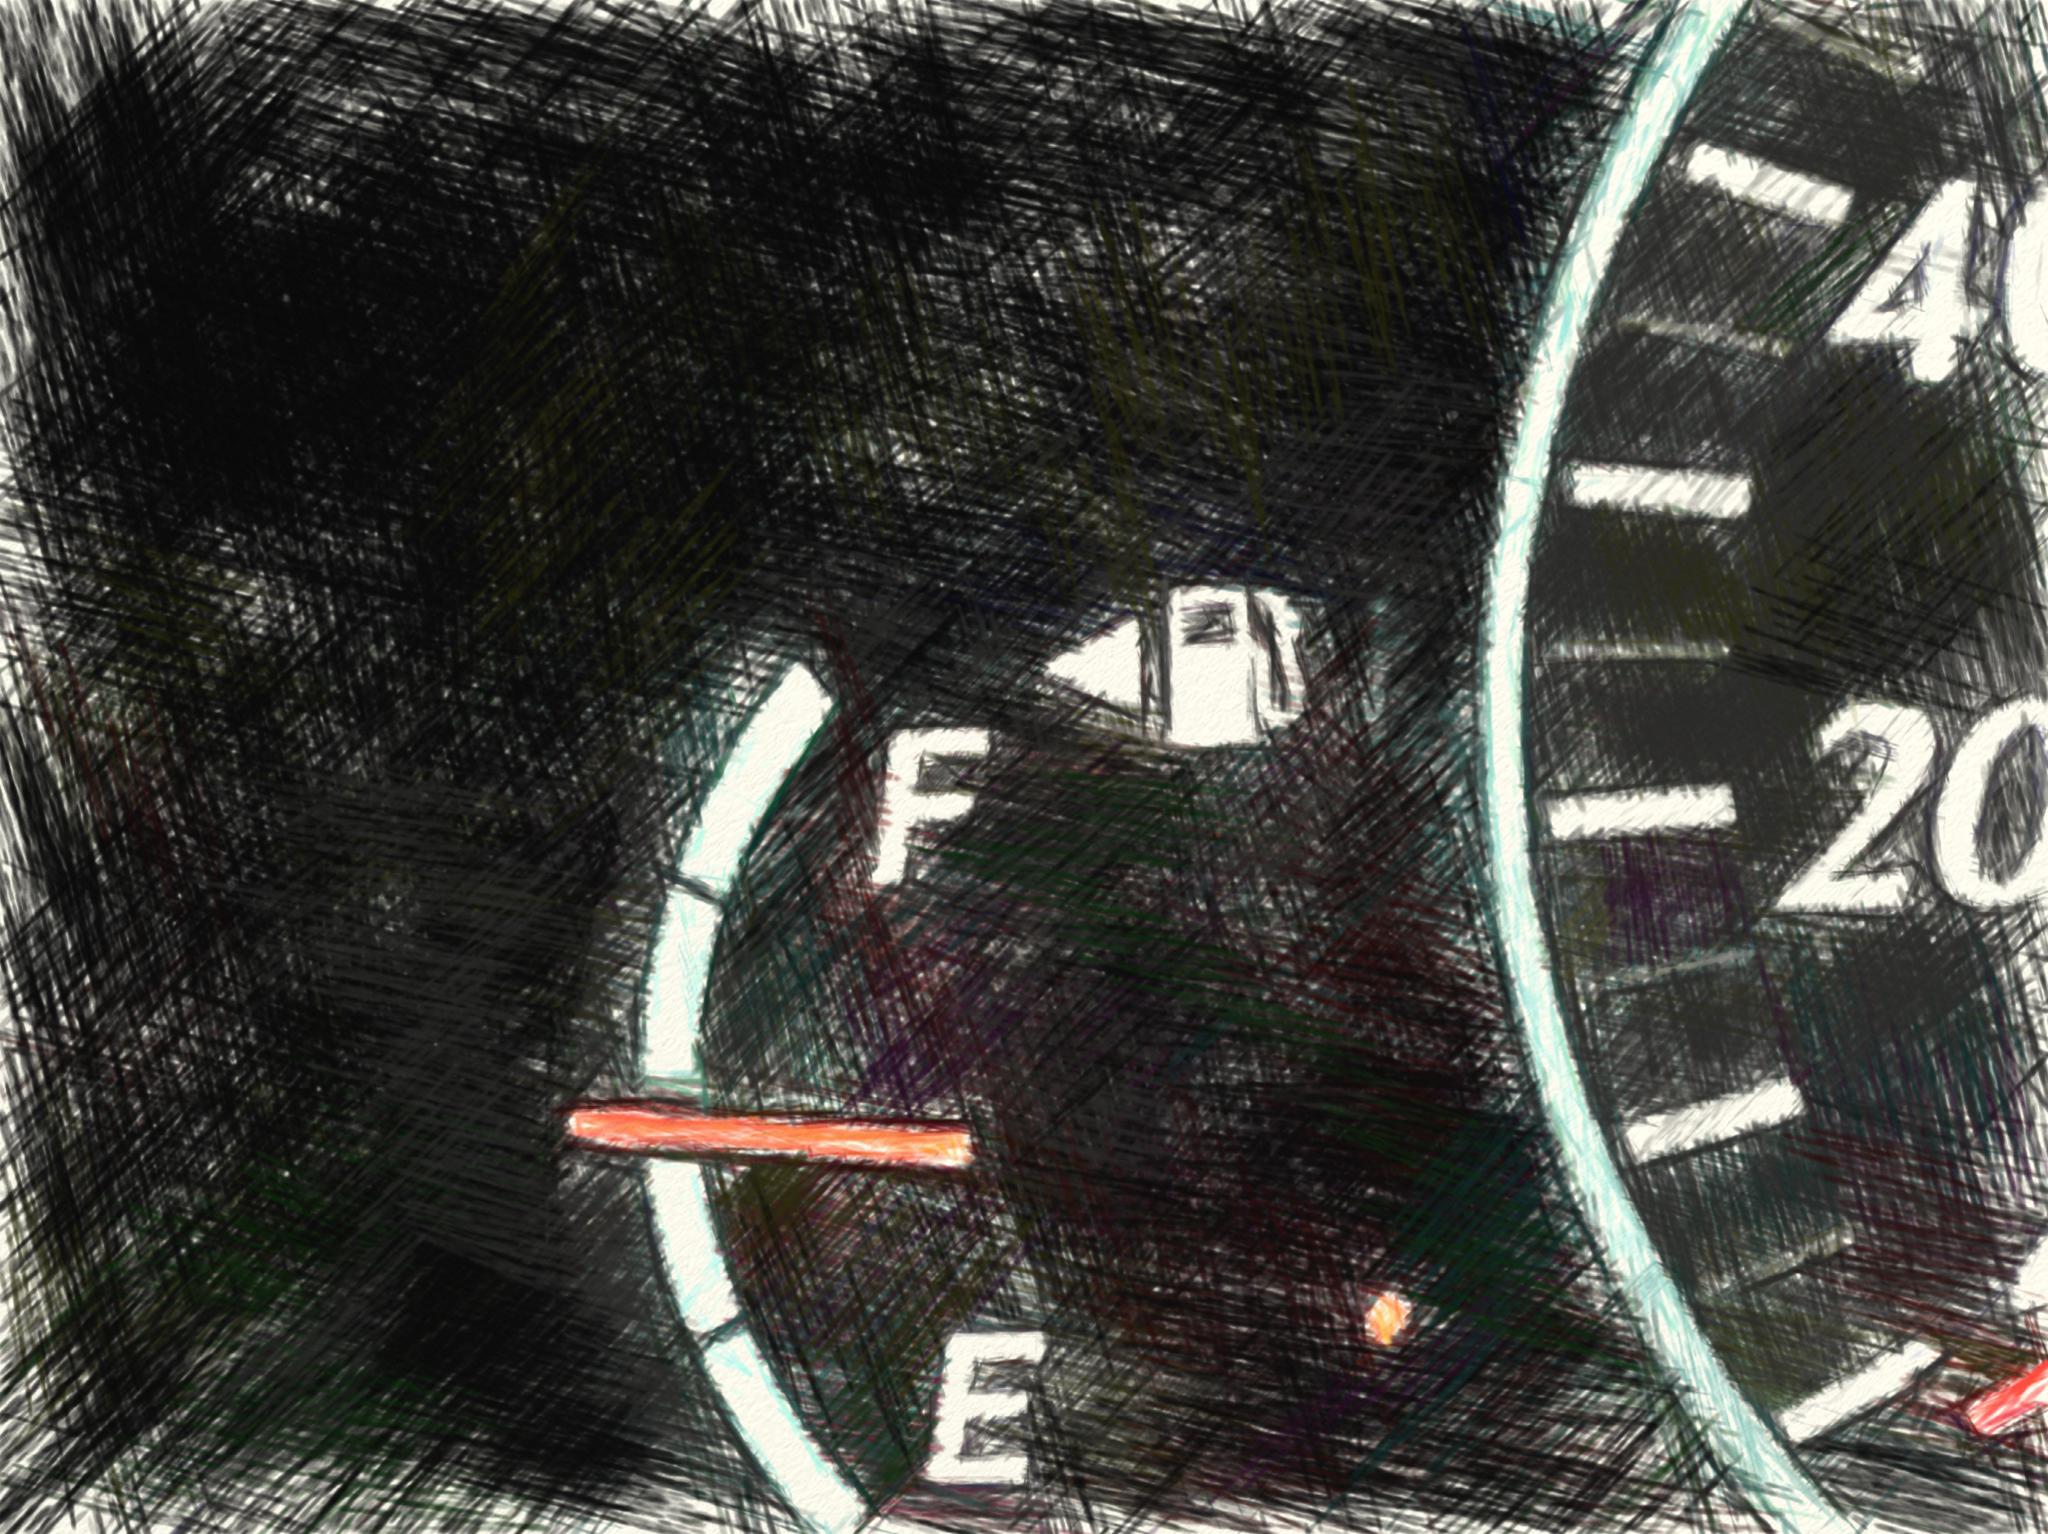 半分の燃料ゲージ